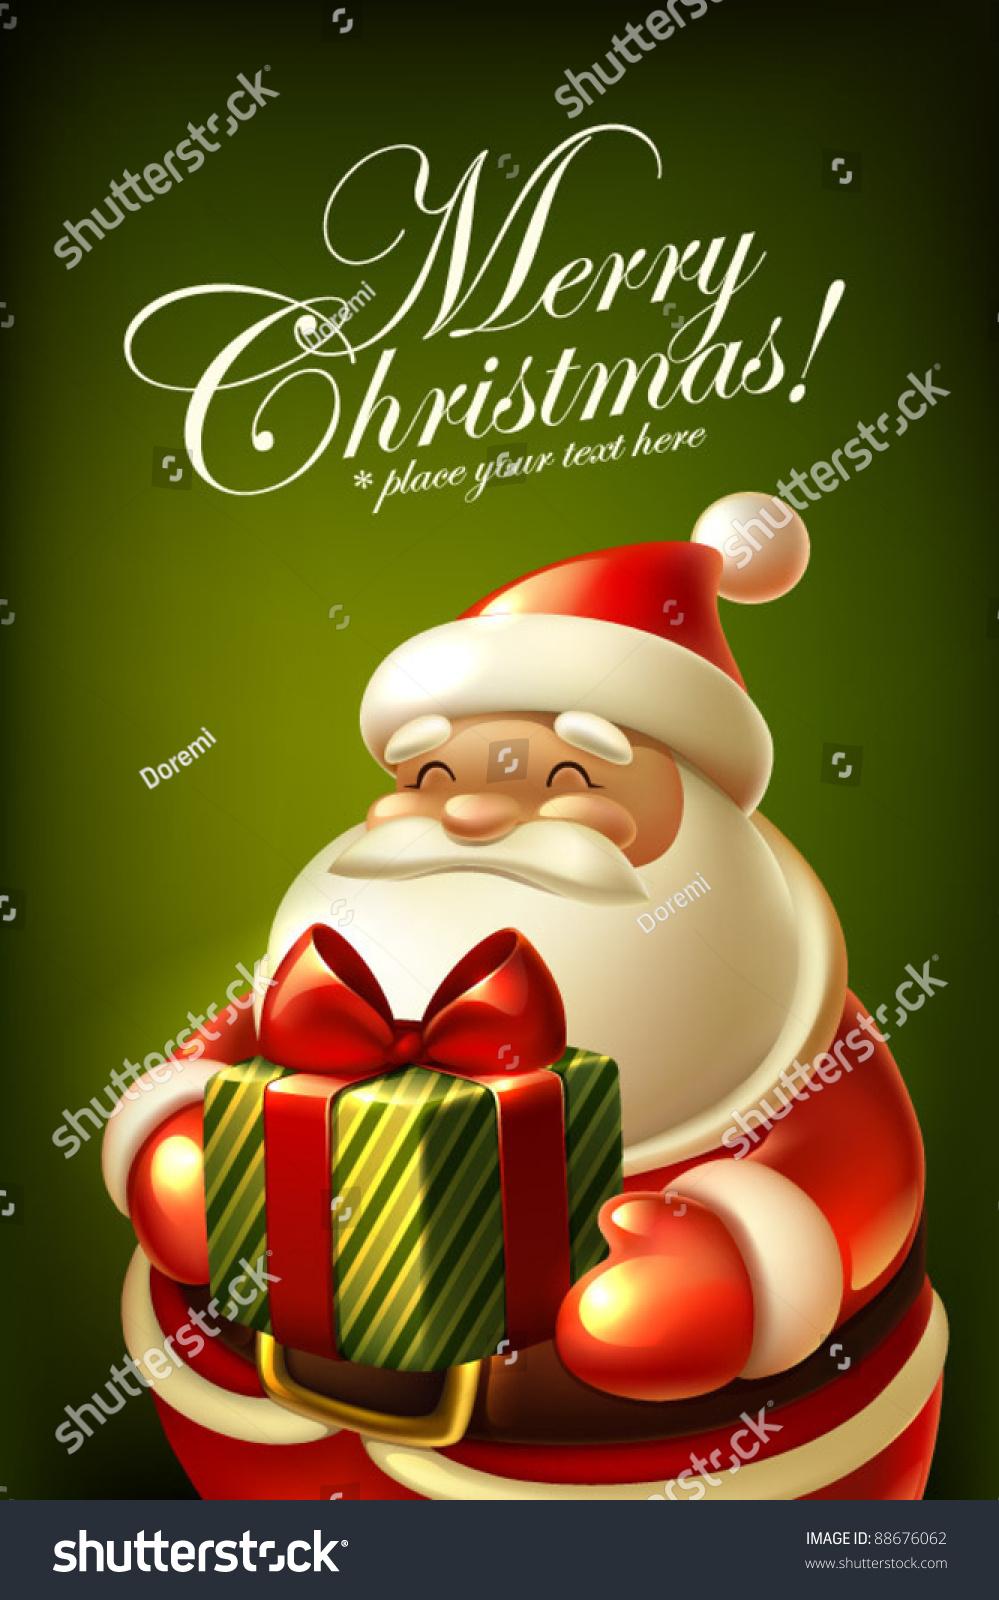 Santa Claus Christmas Card Stock Vector (Royalty Free) 88676062 ...